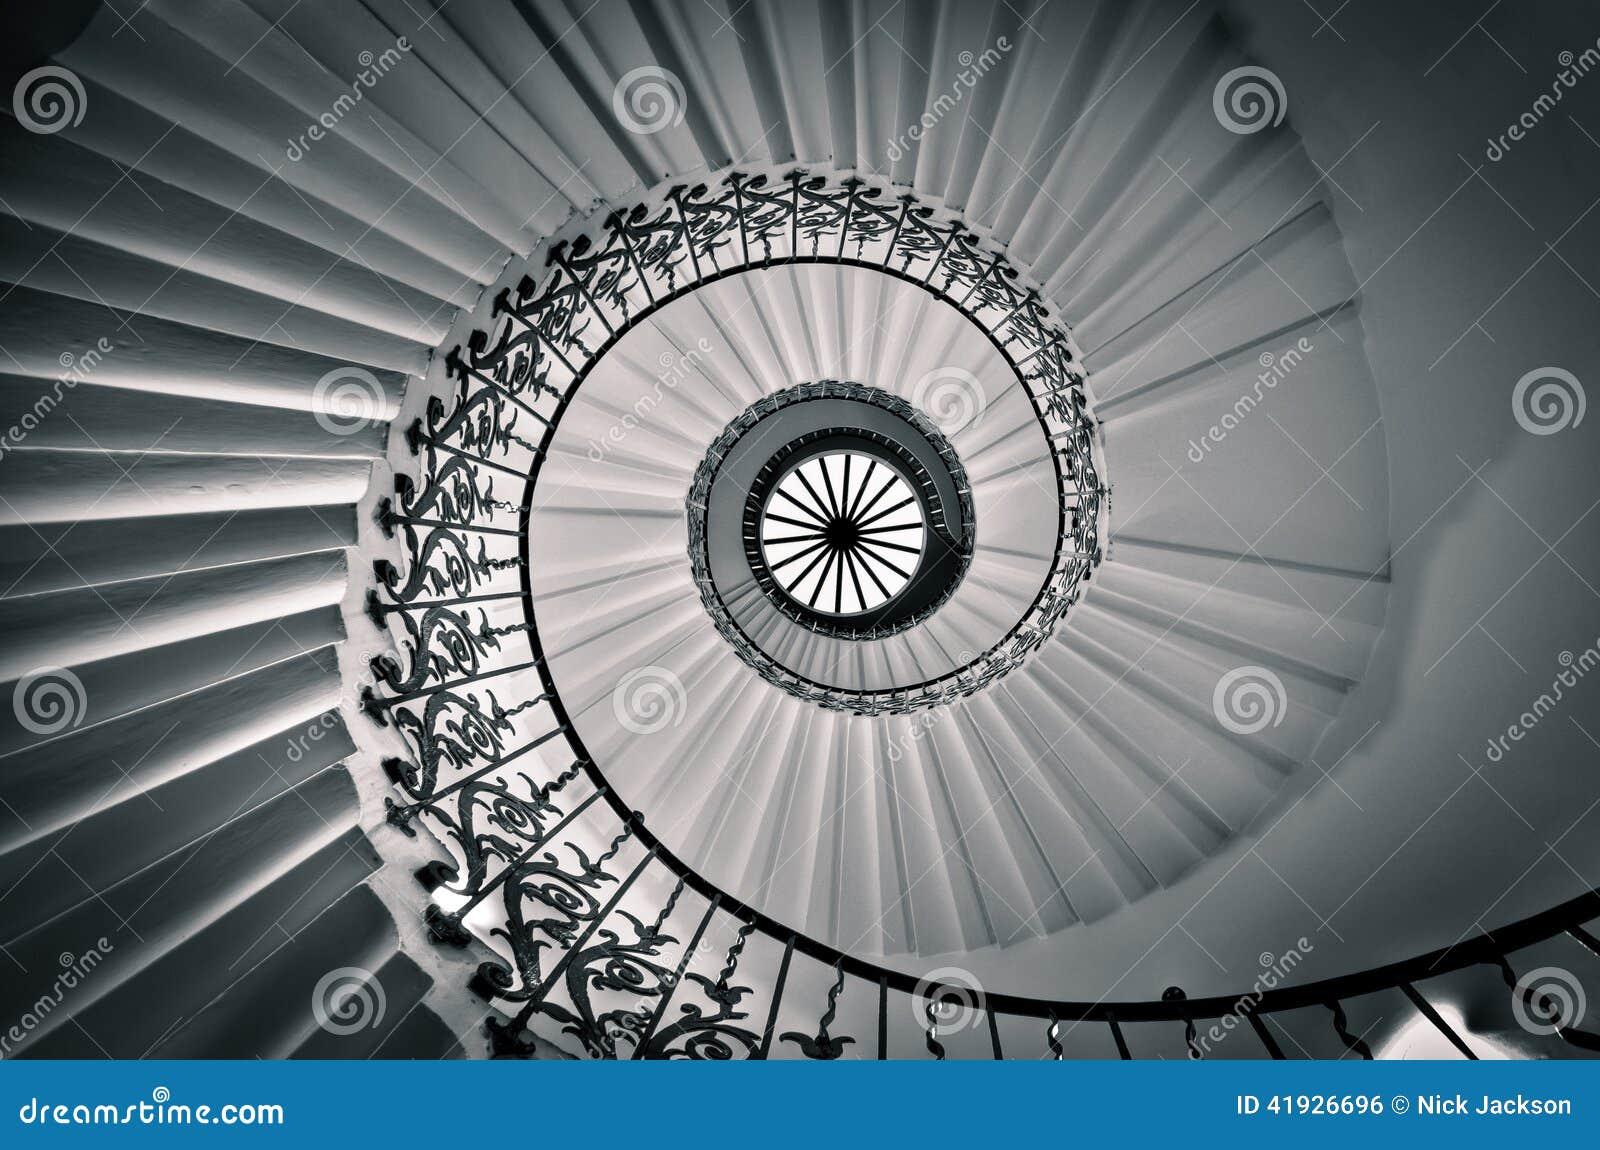 Tulip Staircase, a casa da rainha